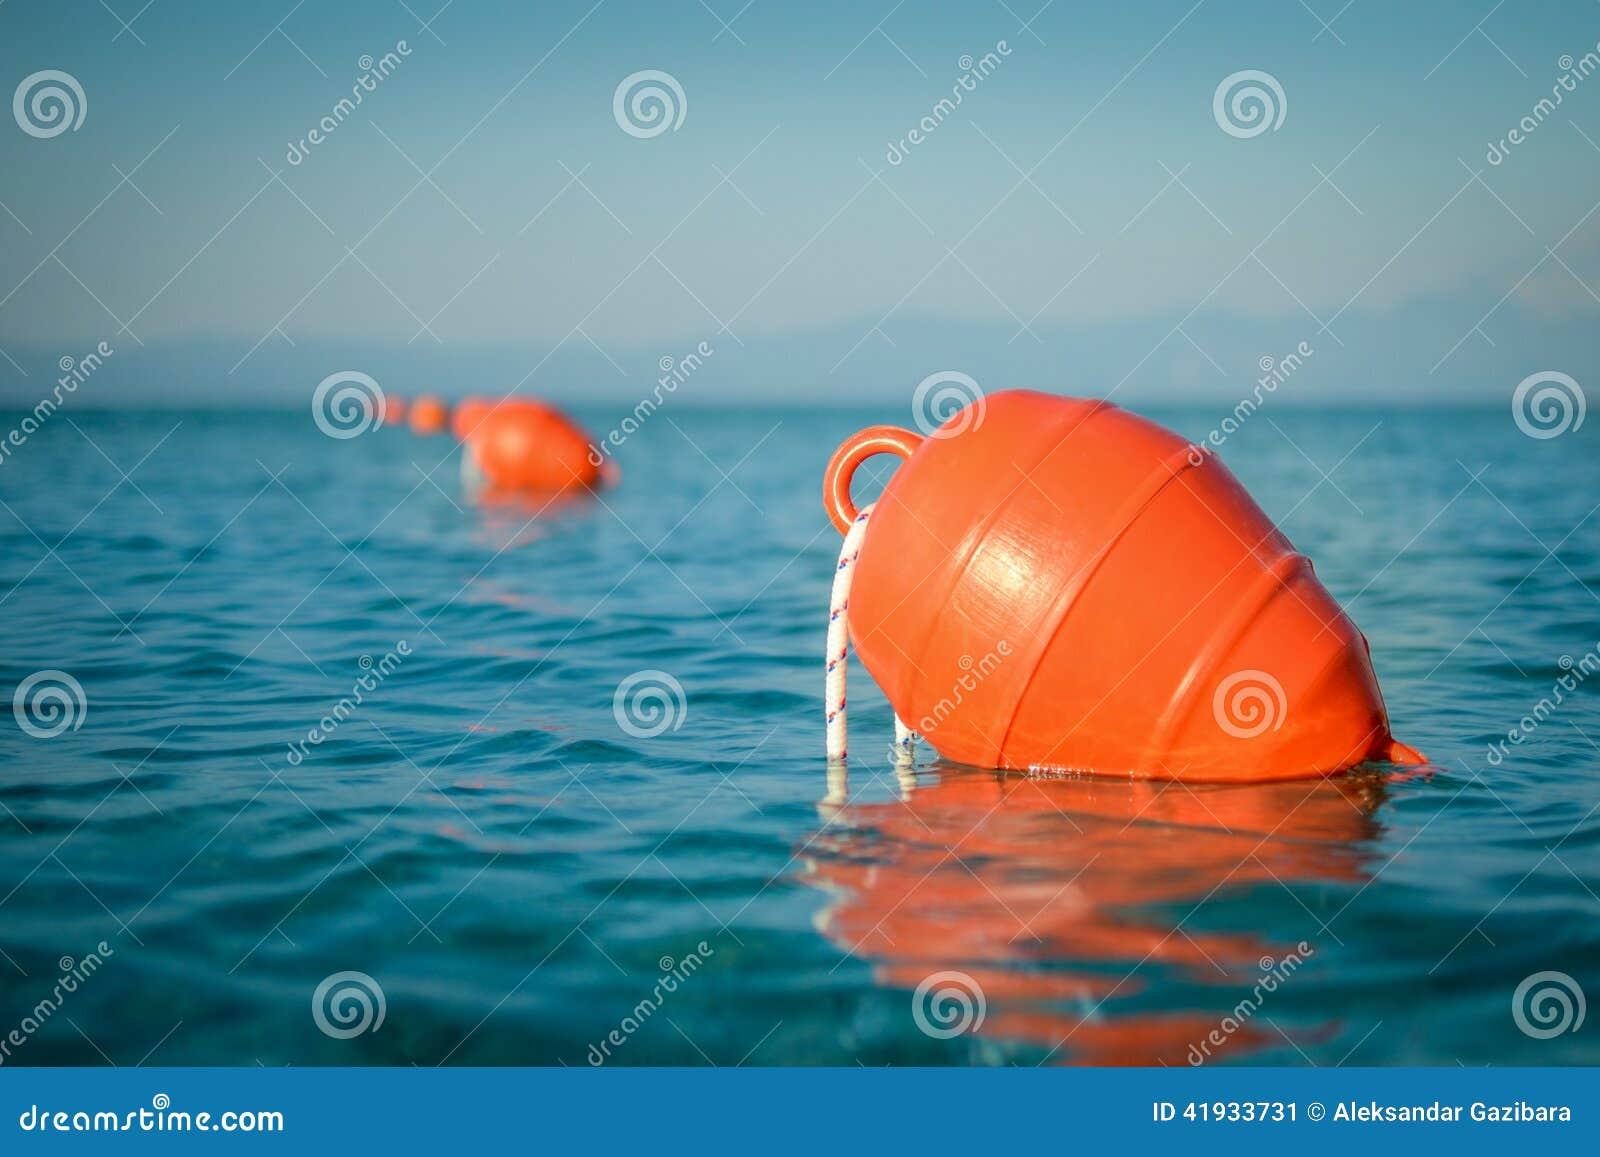 Томбуй в море